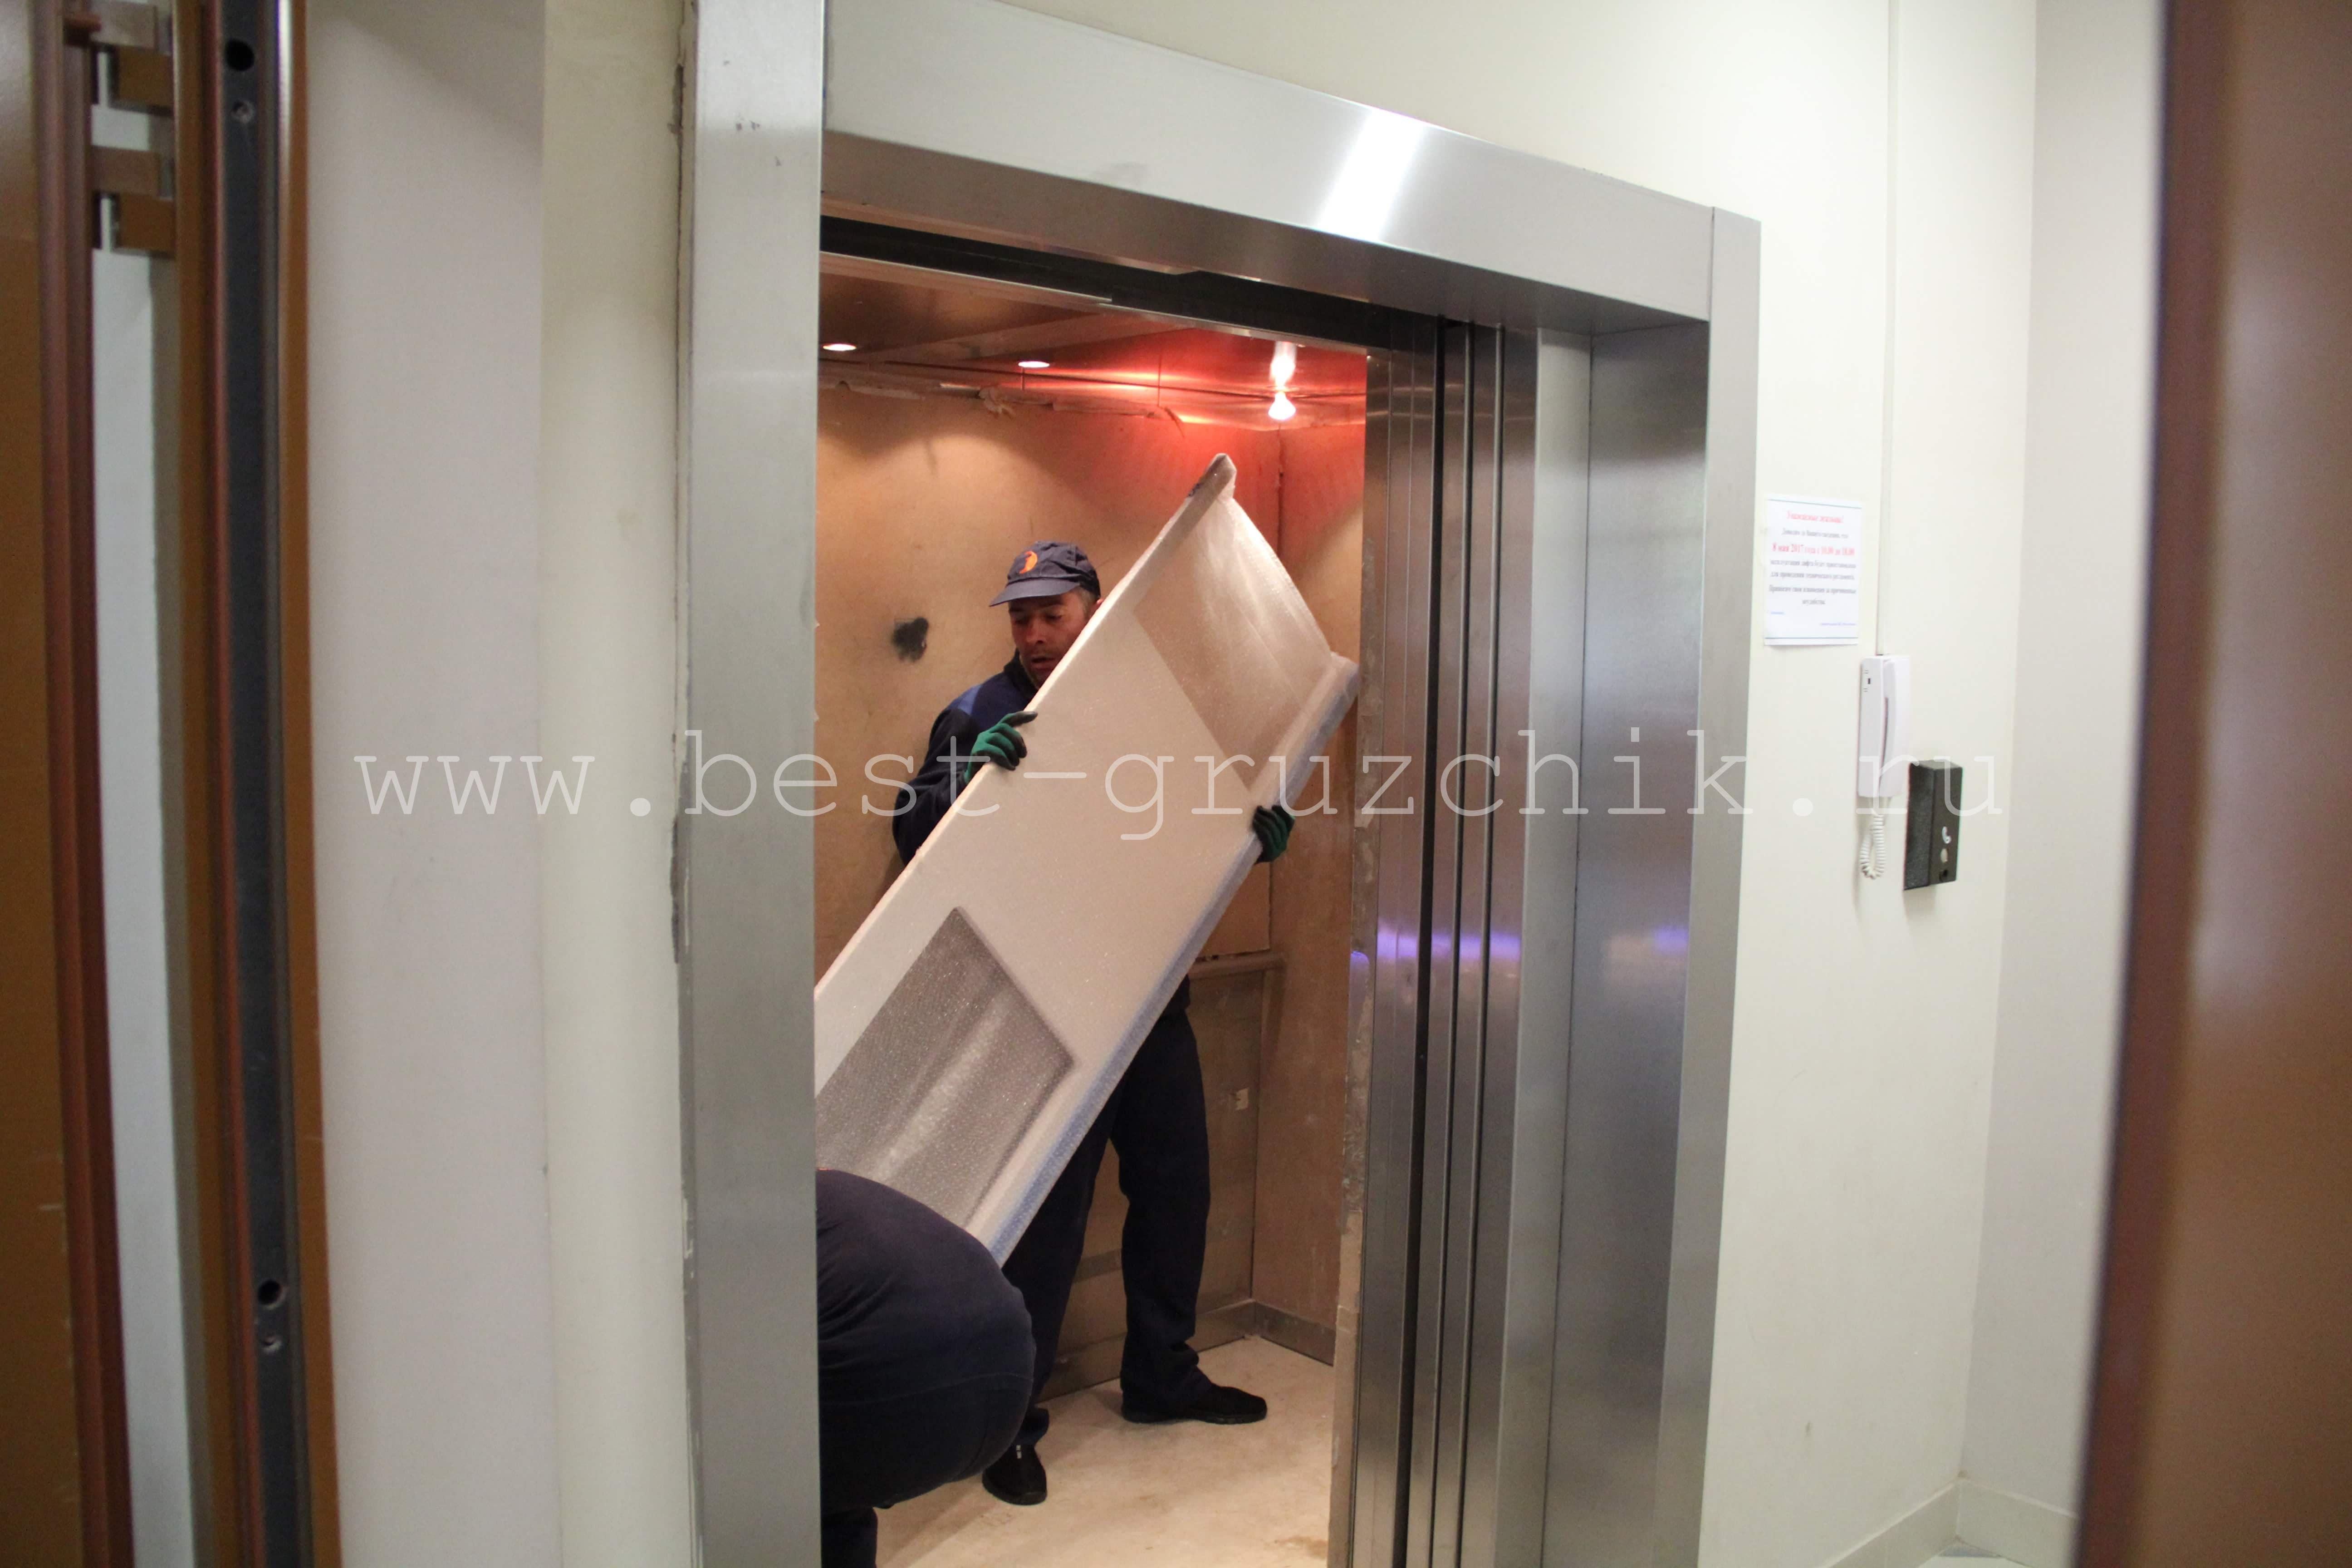 Трахнули зрелую в лифте, Трахнул зрелую в лифте Поебушки. Ком 9 фотография